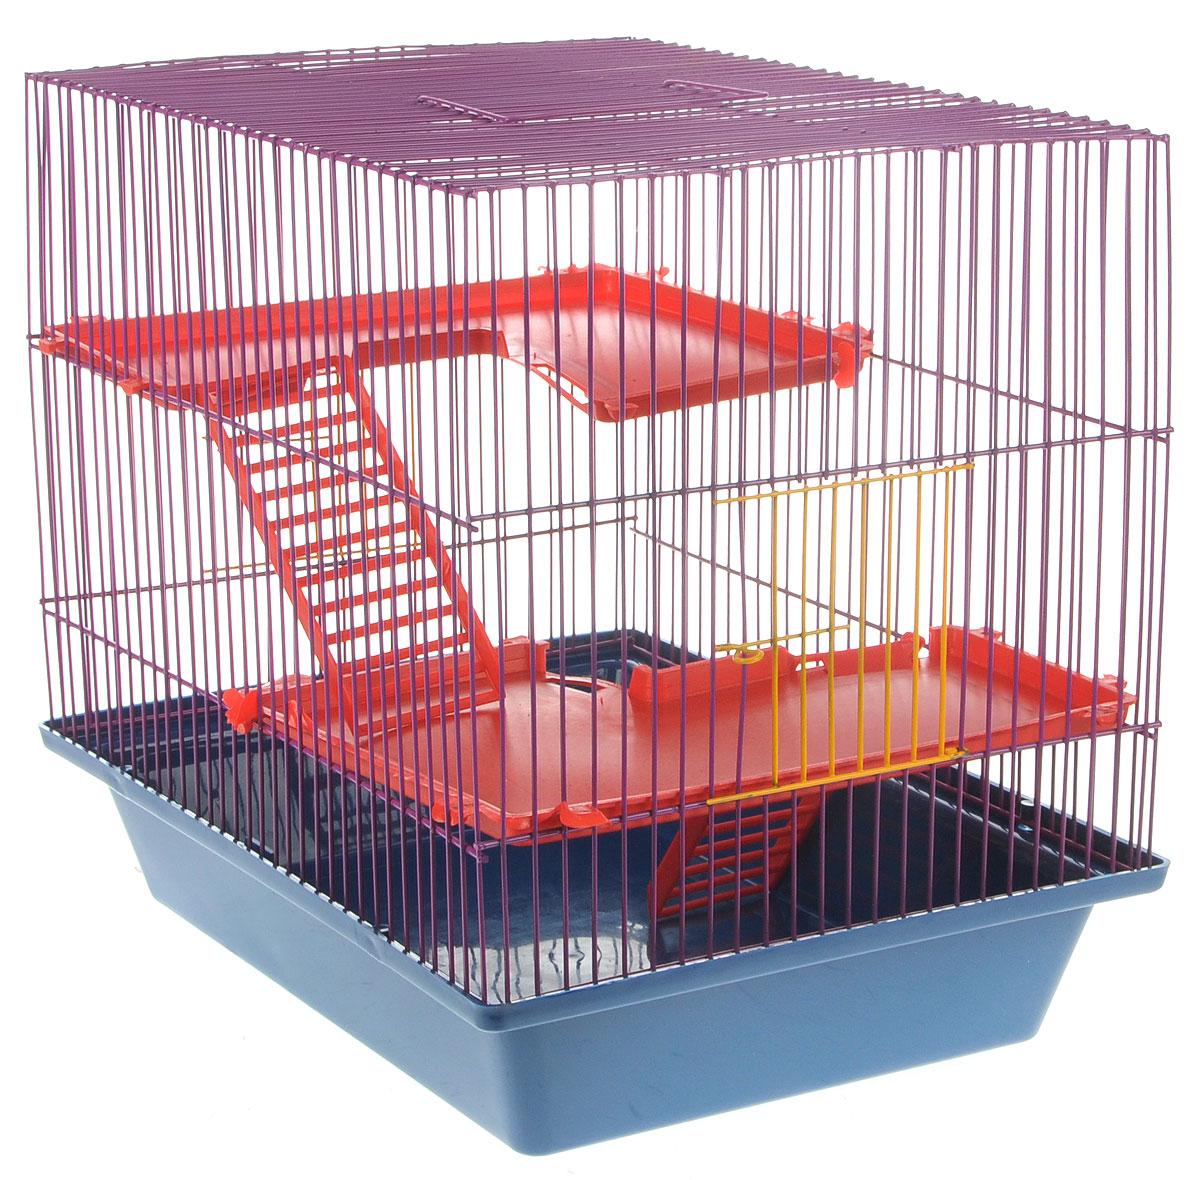 Клетка для грызунов ЗооМарк Гризли, 3-этажная, цвет: синий поддон, фиолетовая решетка, красные этажи, 41 х 30 х 36 см230СФКлетка ЗооМарк Гризли, выполненная из полипропилена и металла, подходит для мелких грызунов. Изделие трехэтажное. Клетка имеет яркий поддон, удобна в использовании и легко чистится. Сверху имеется ручка для переноски. Такая клетка станет уединенным личным пространством и уютным домиком для маленького грызуна.